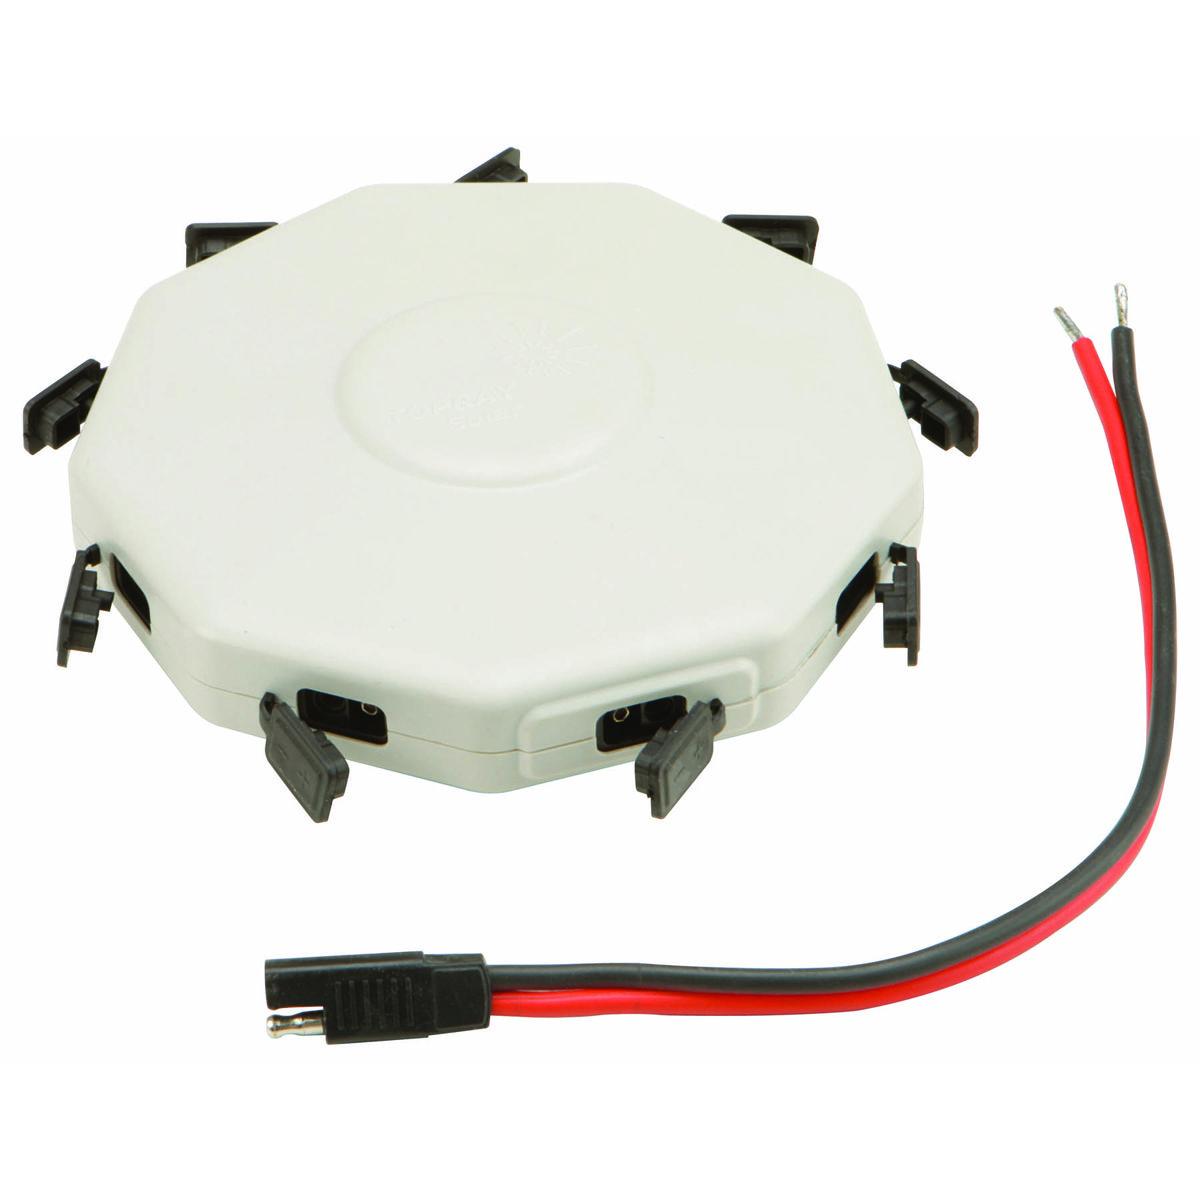 400 Watt Universal Solar Connector Aquaponics Diy Aquaponics Solar Panels For Home